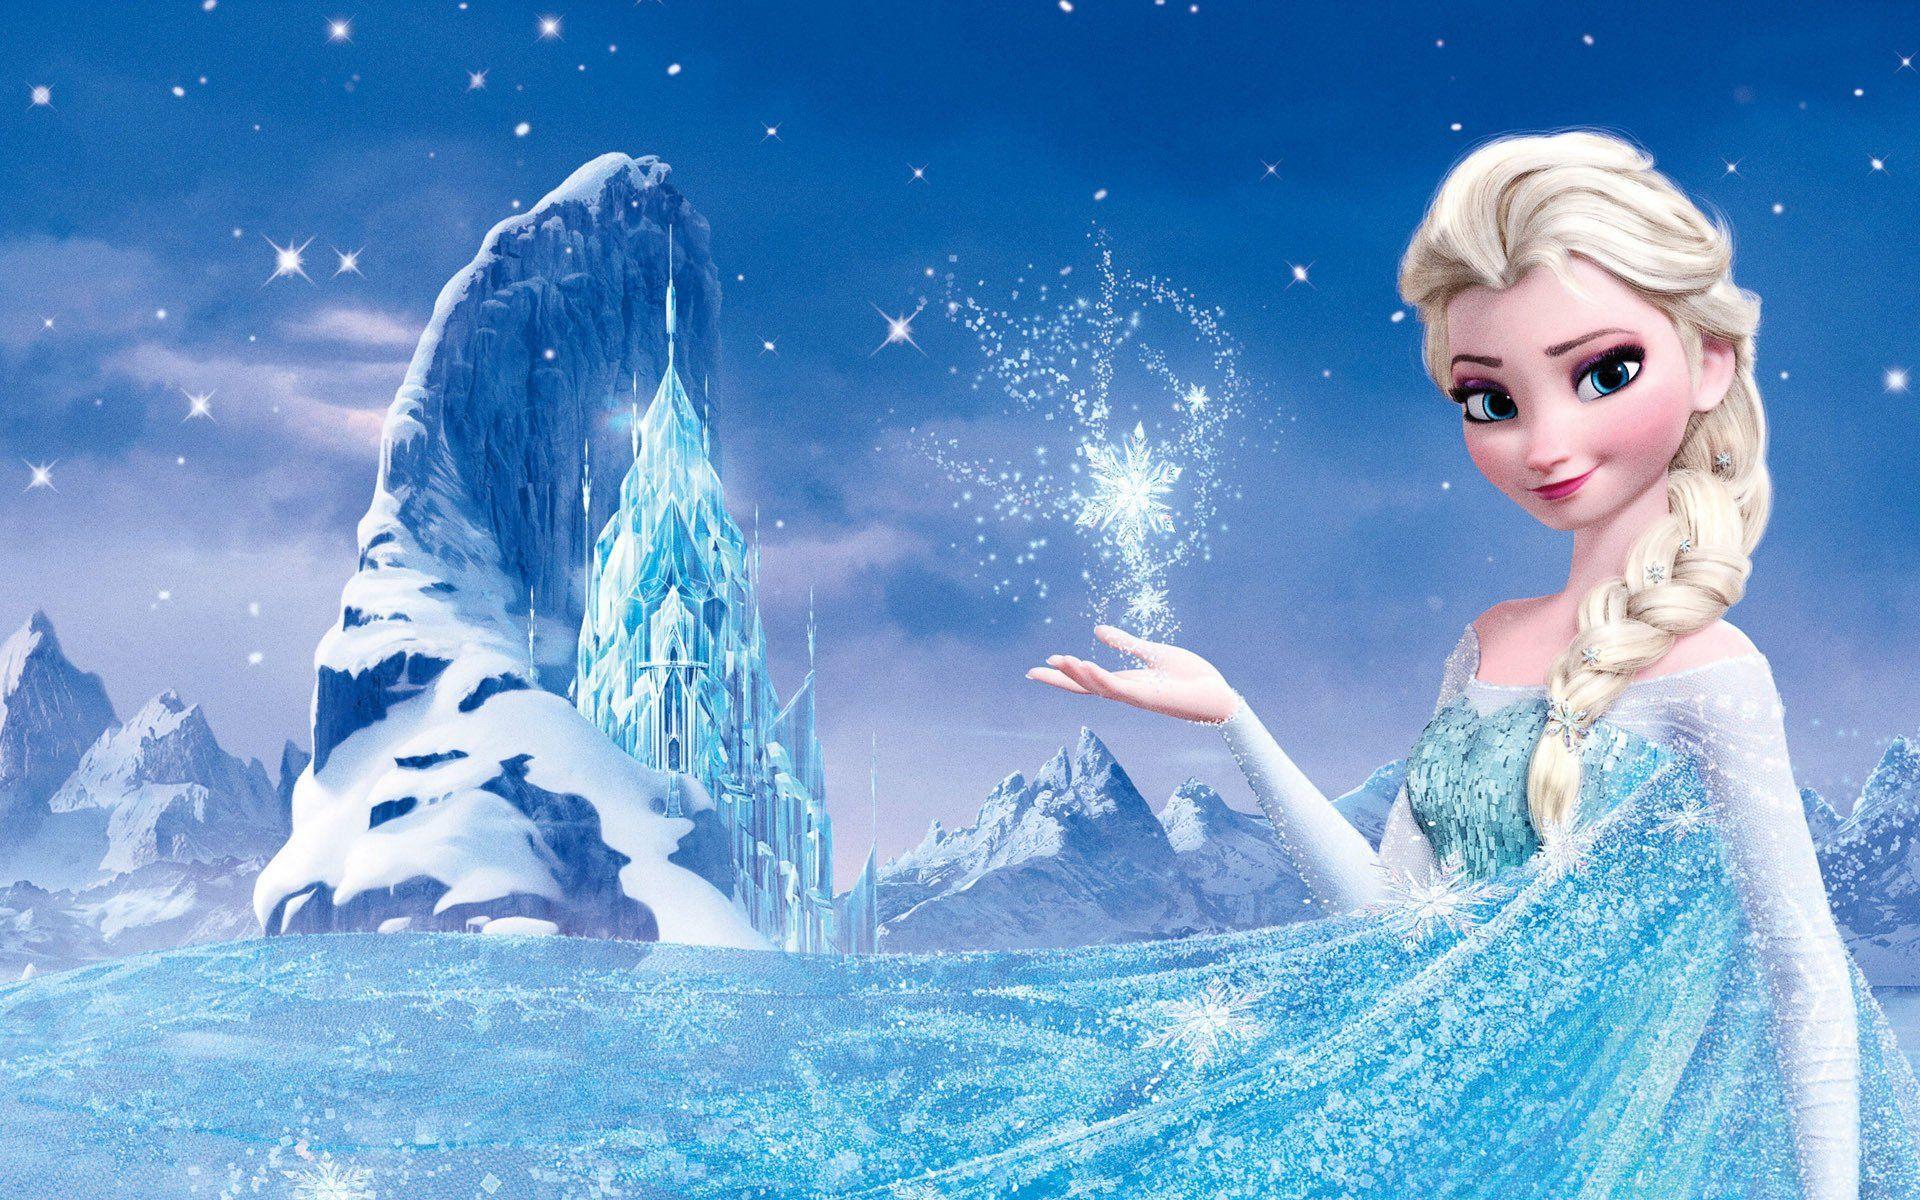 Disney Frozen Movie Queen Elsa Wallpaper HD Tarjetas de